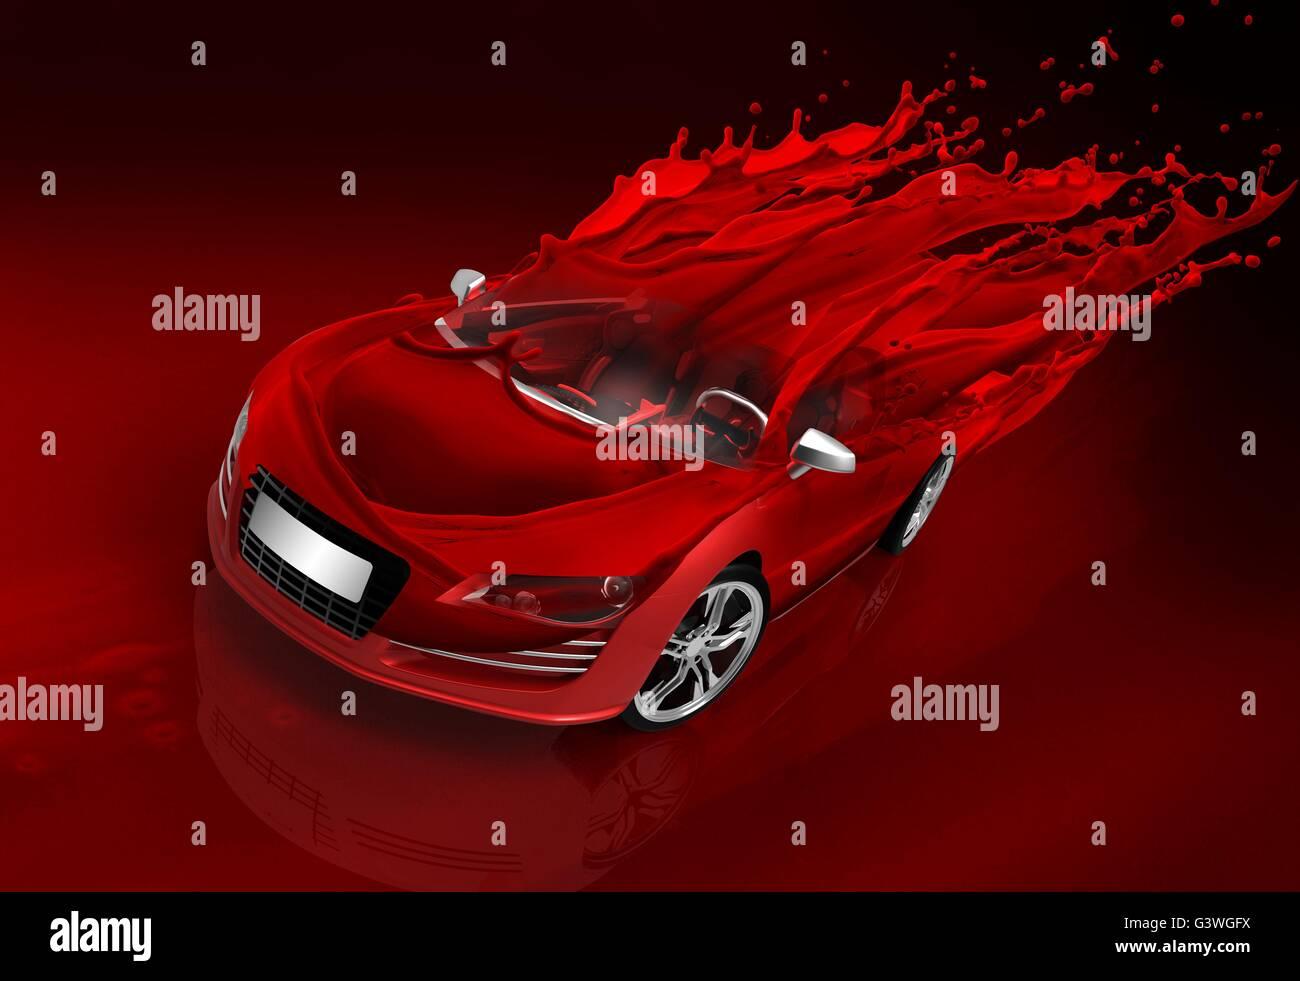 Concept Car mit schnellen roten Spritzer schönes Bild Stockbild